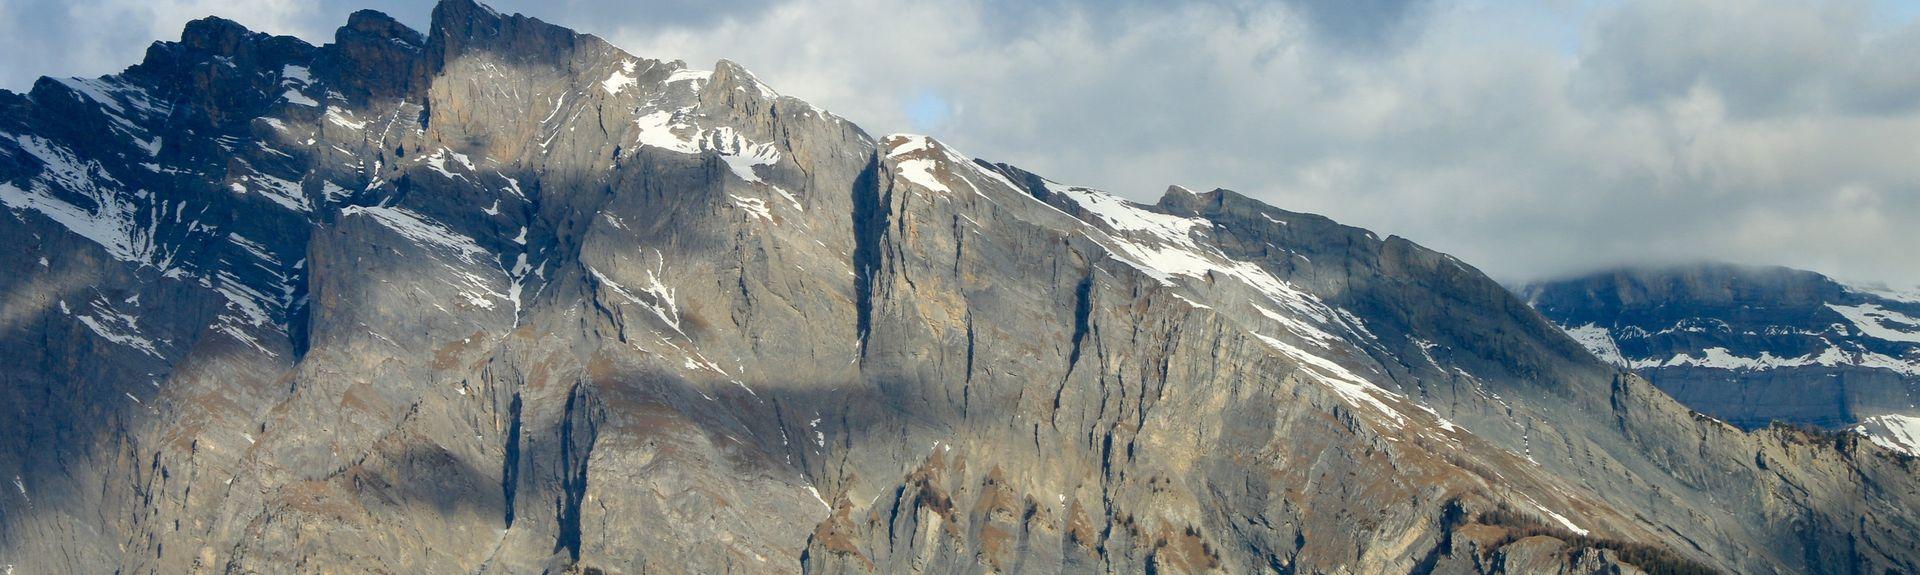 La Tzoumaz, Riddes, Valais, Suíça